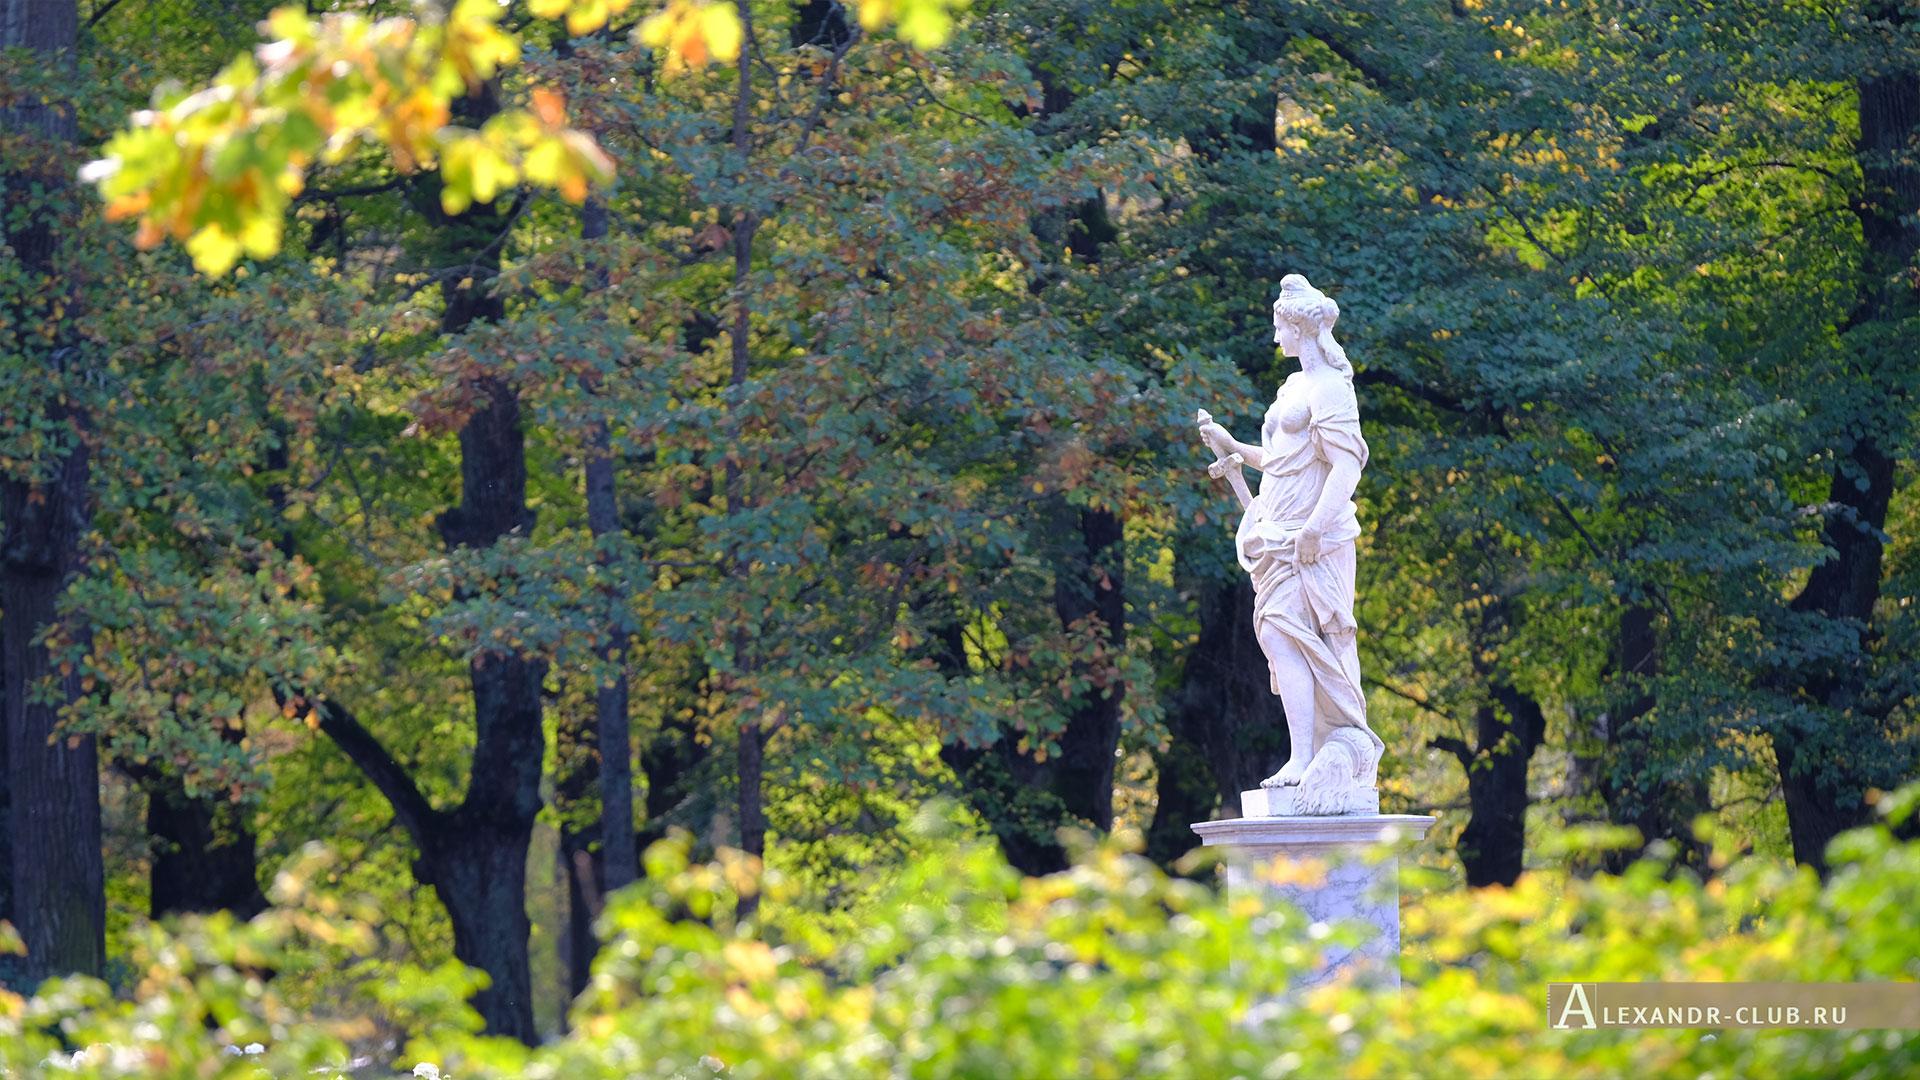 Павловск, осень, Павловский парк, Большие круги, скульптура «Правосудие»